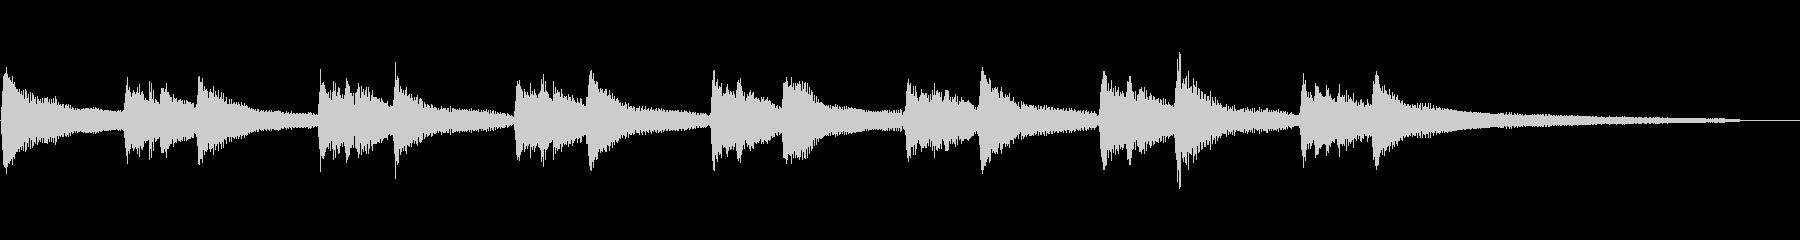 ジングル♪CM企業VPカントリーPOPの未再生の波形